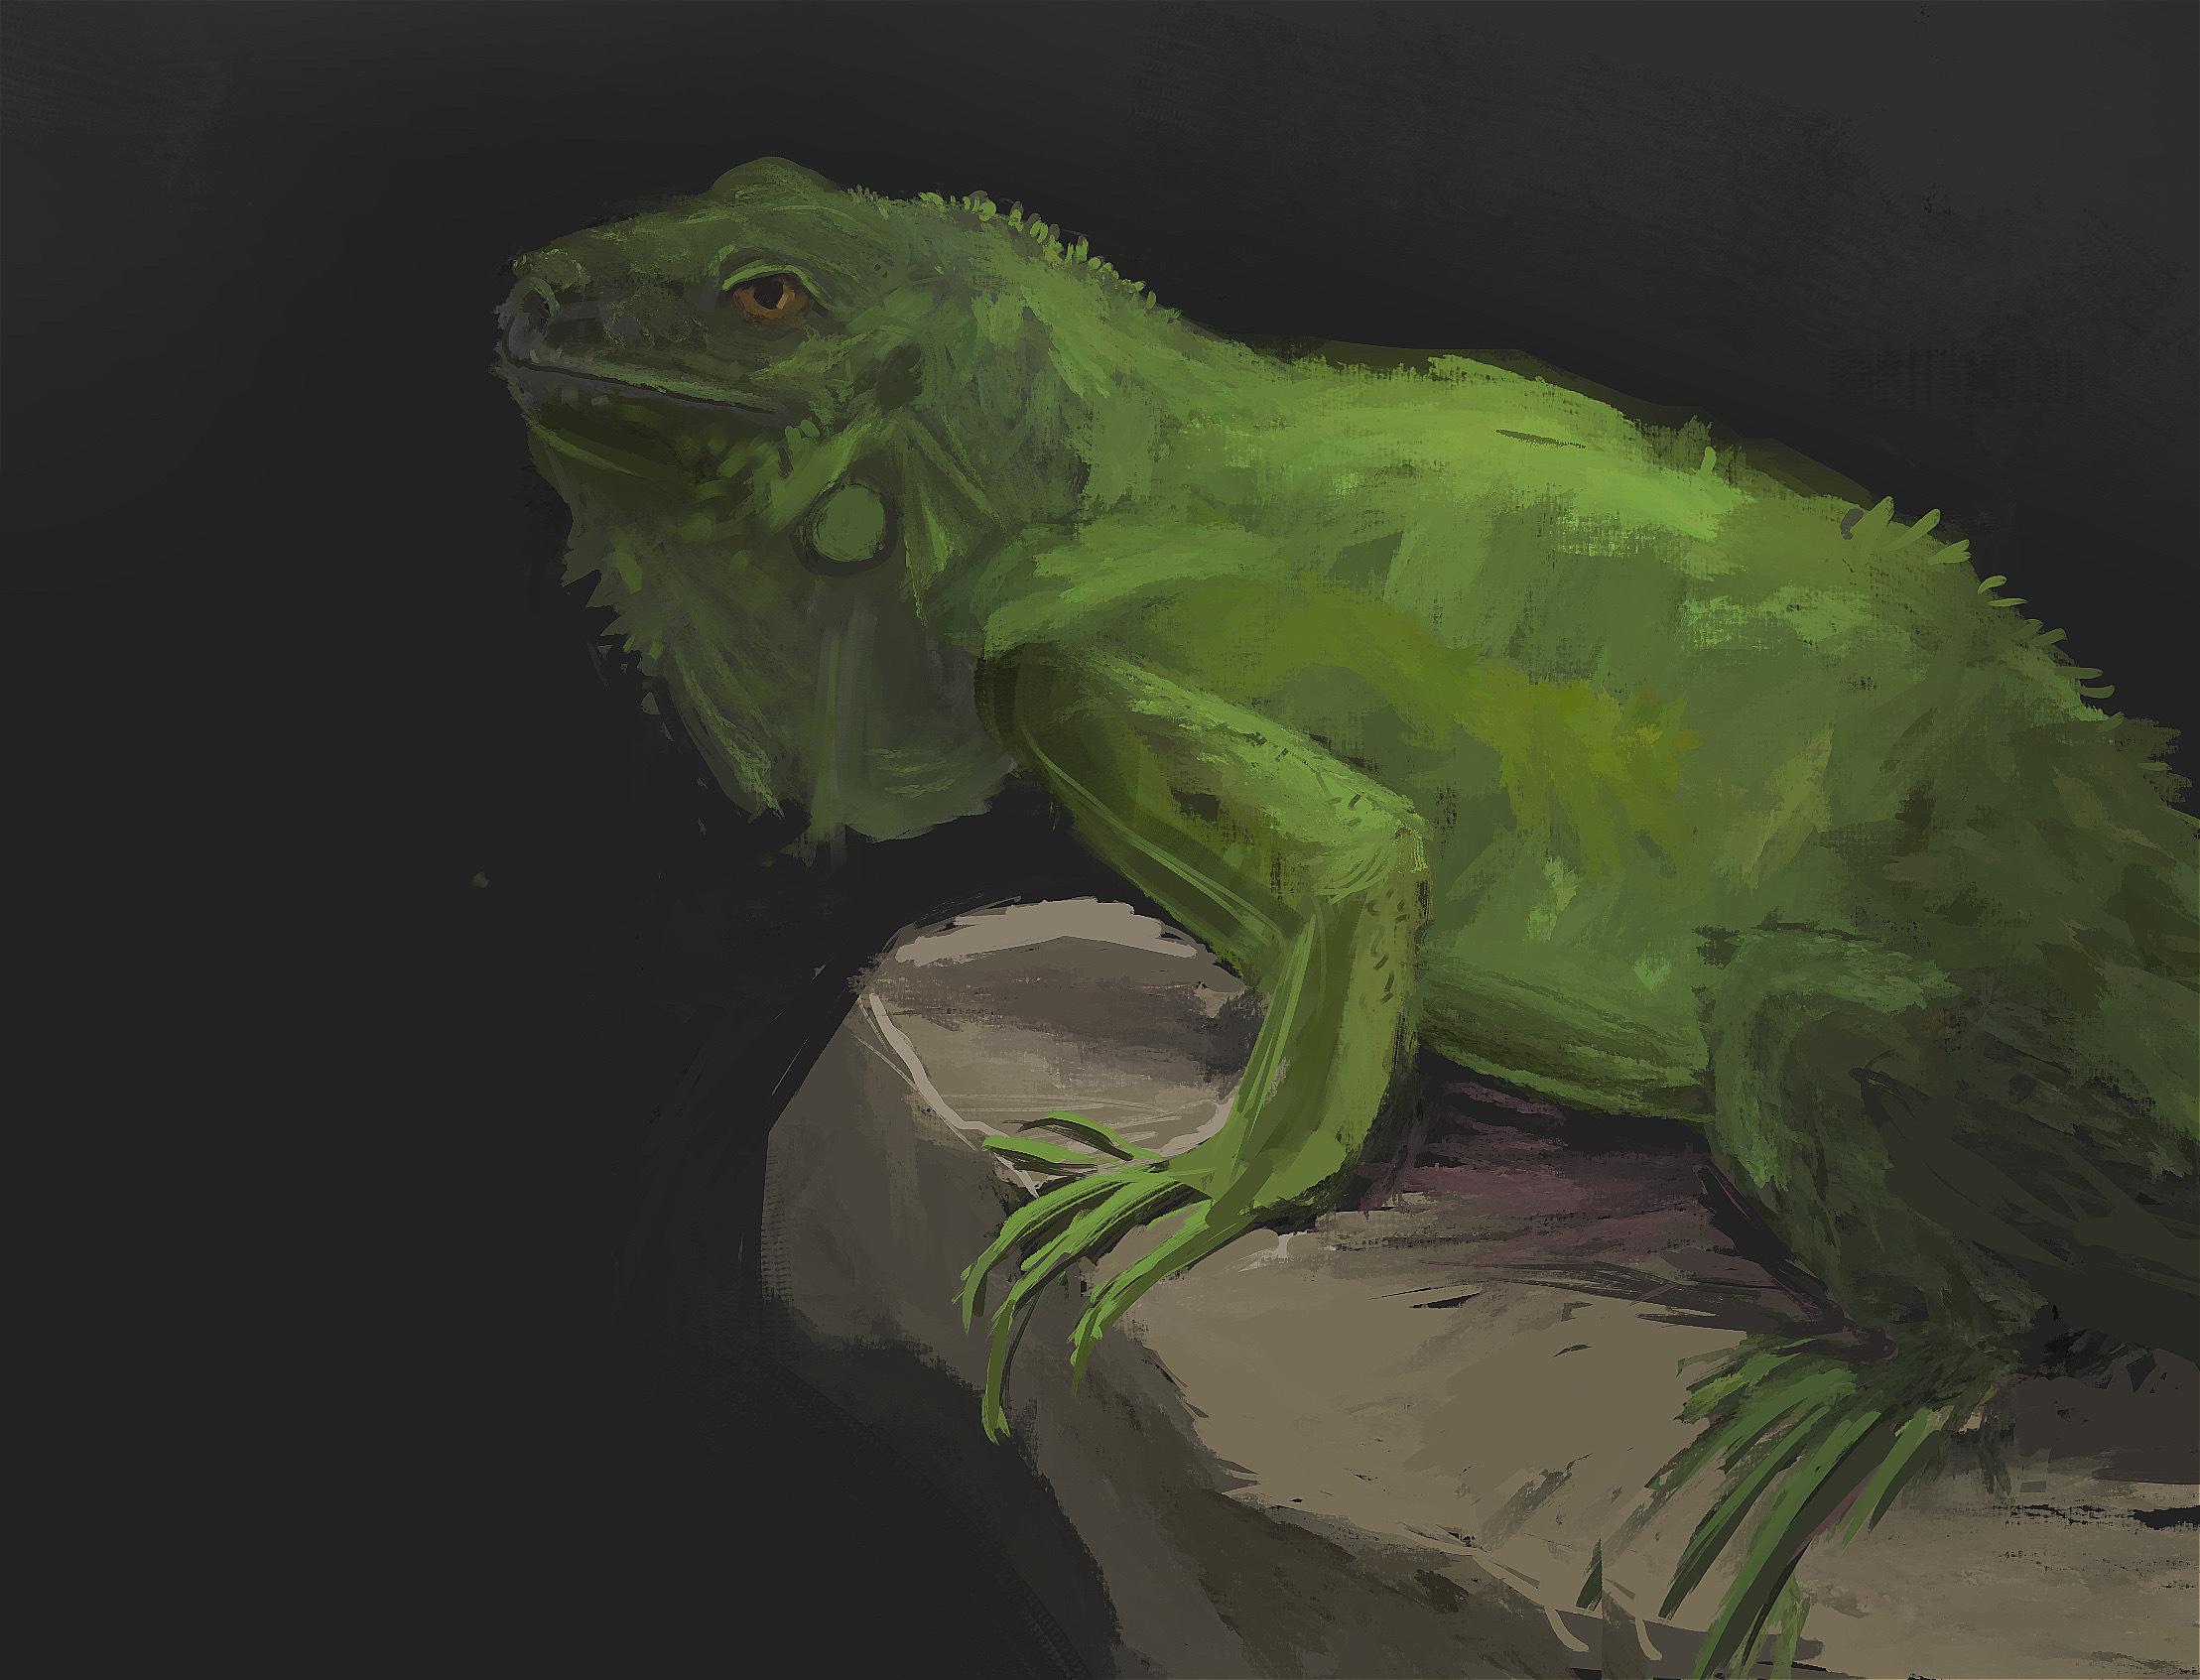 Moms iguana